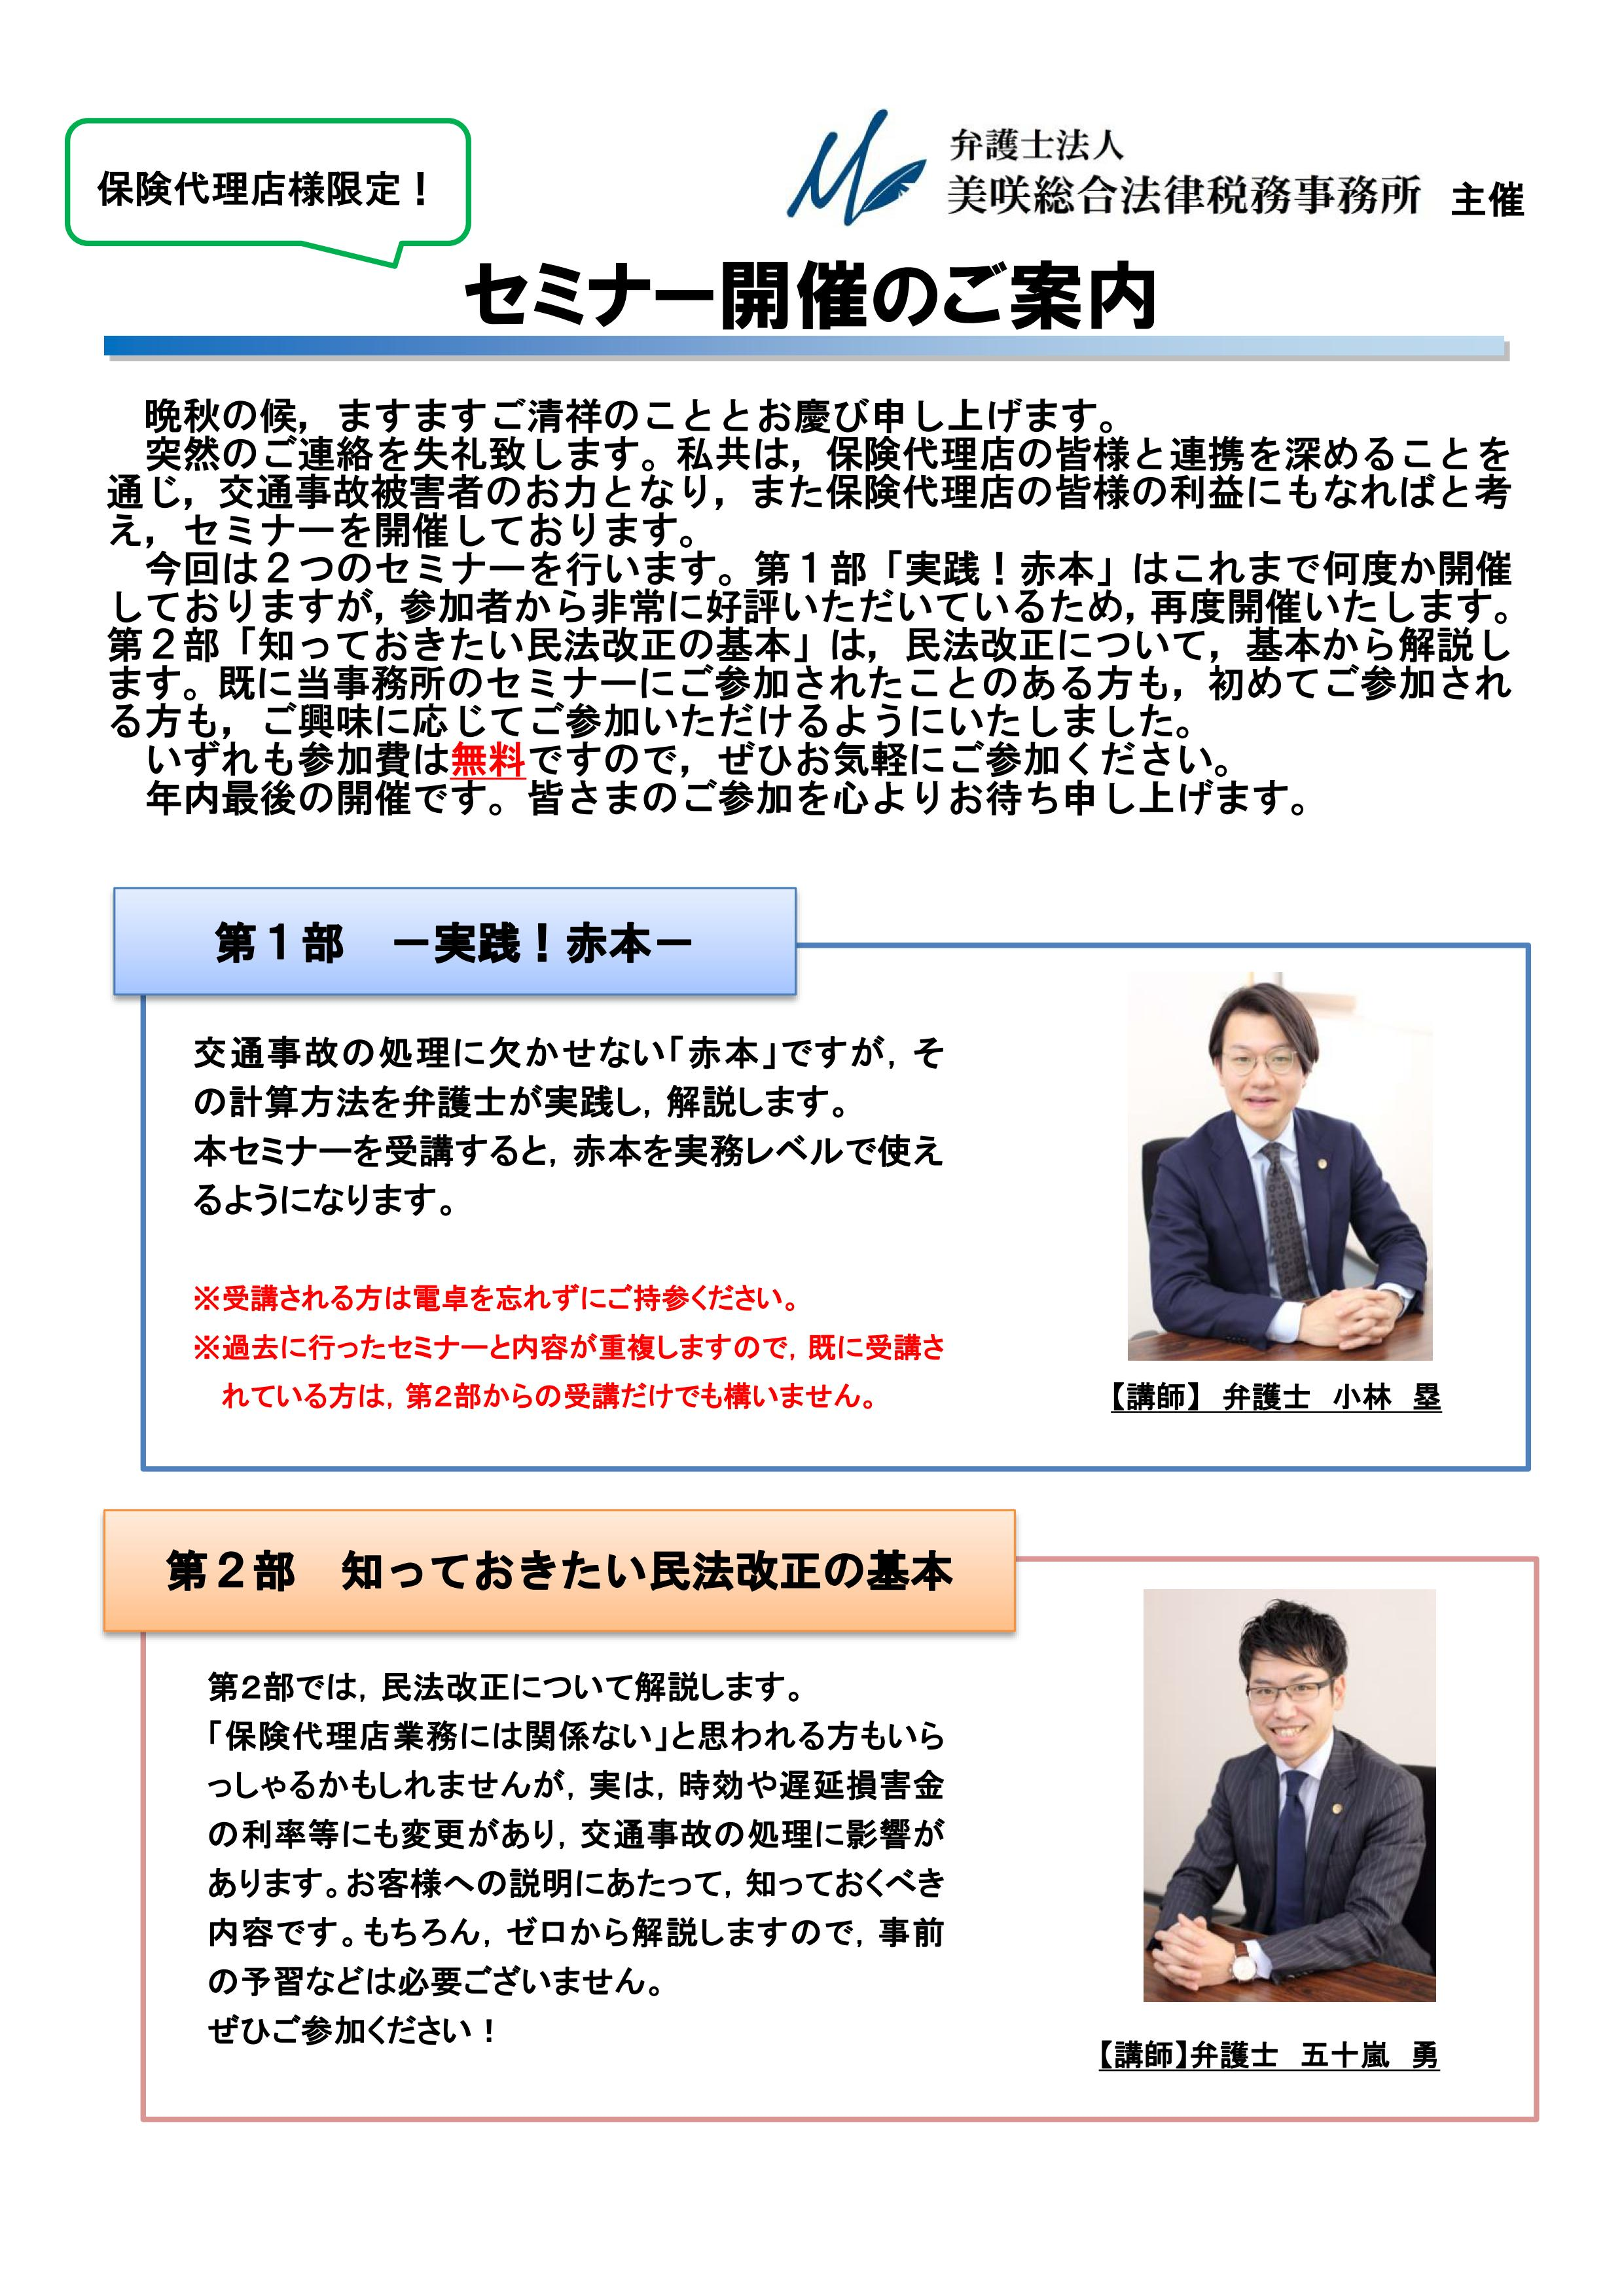 20171201代理店向けセミナー案内_01.jpg